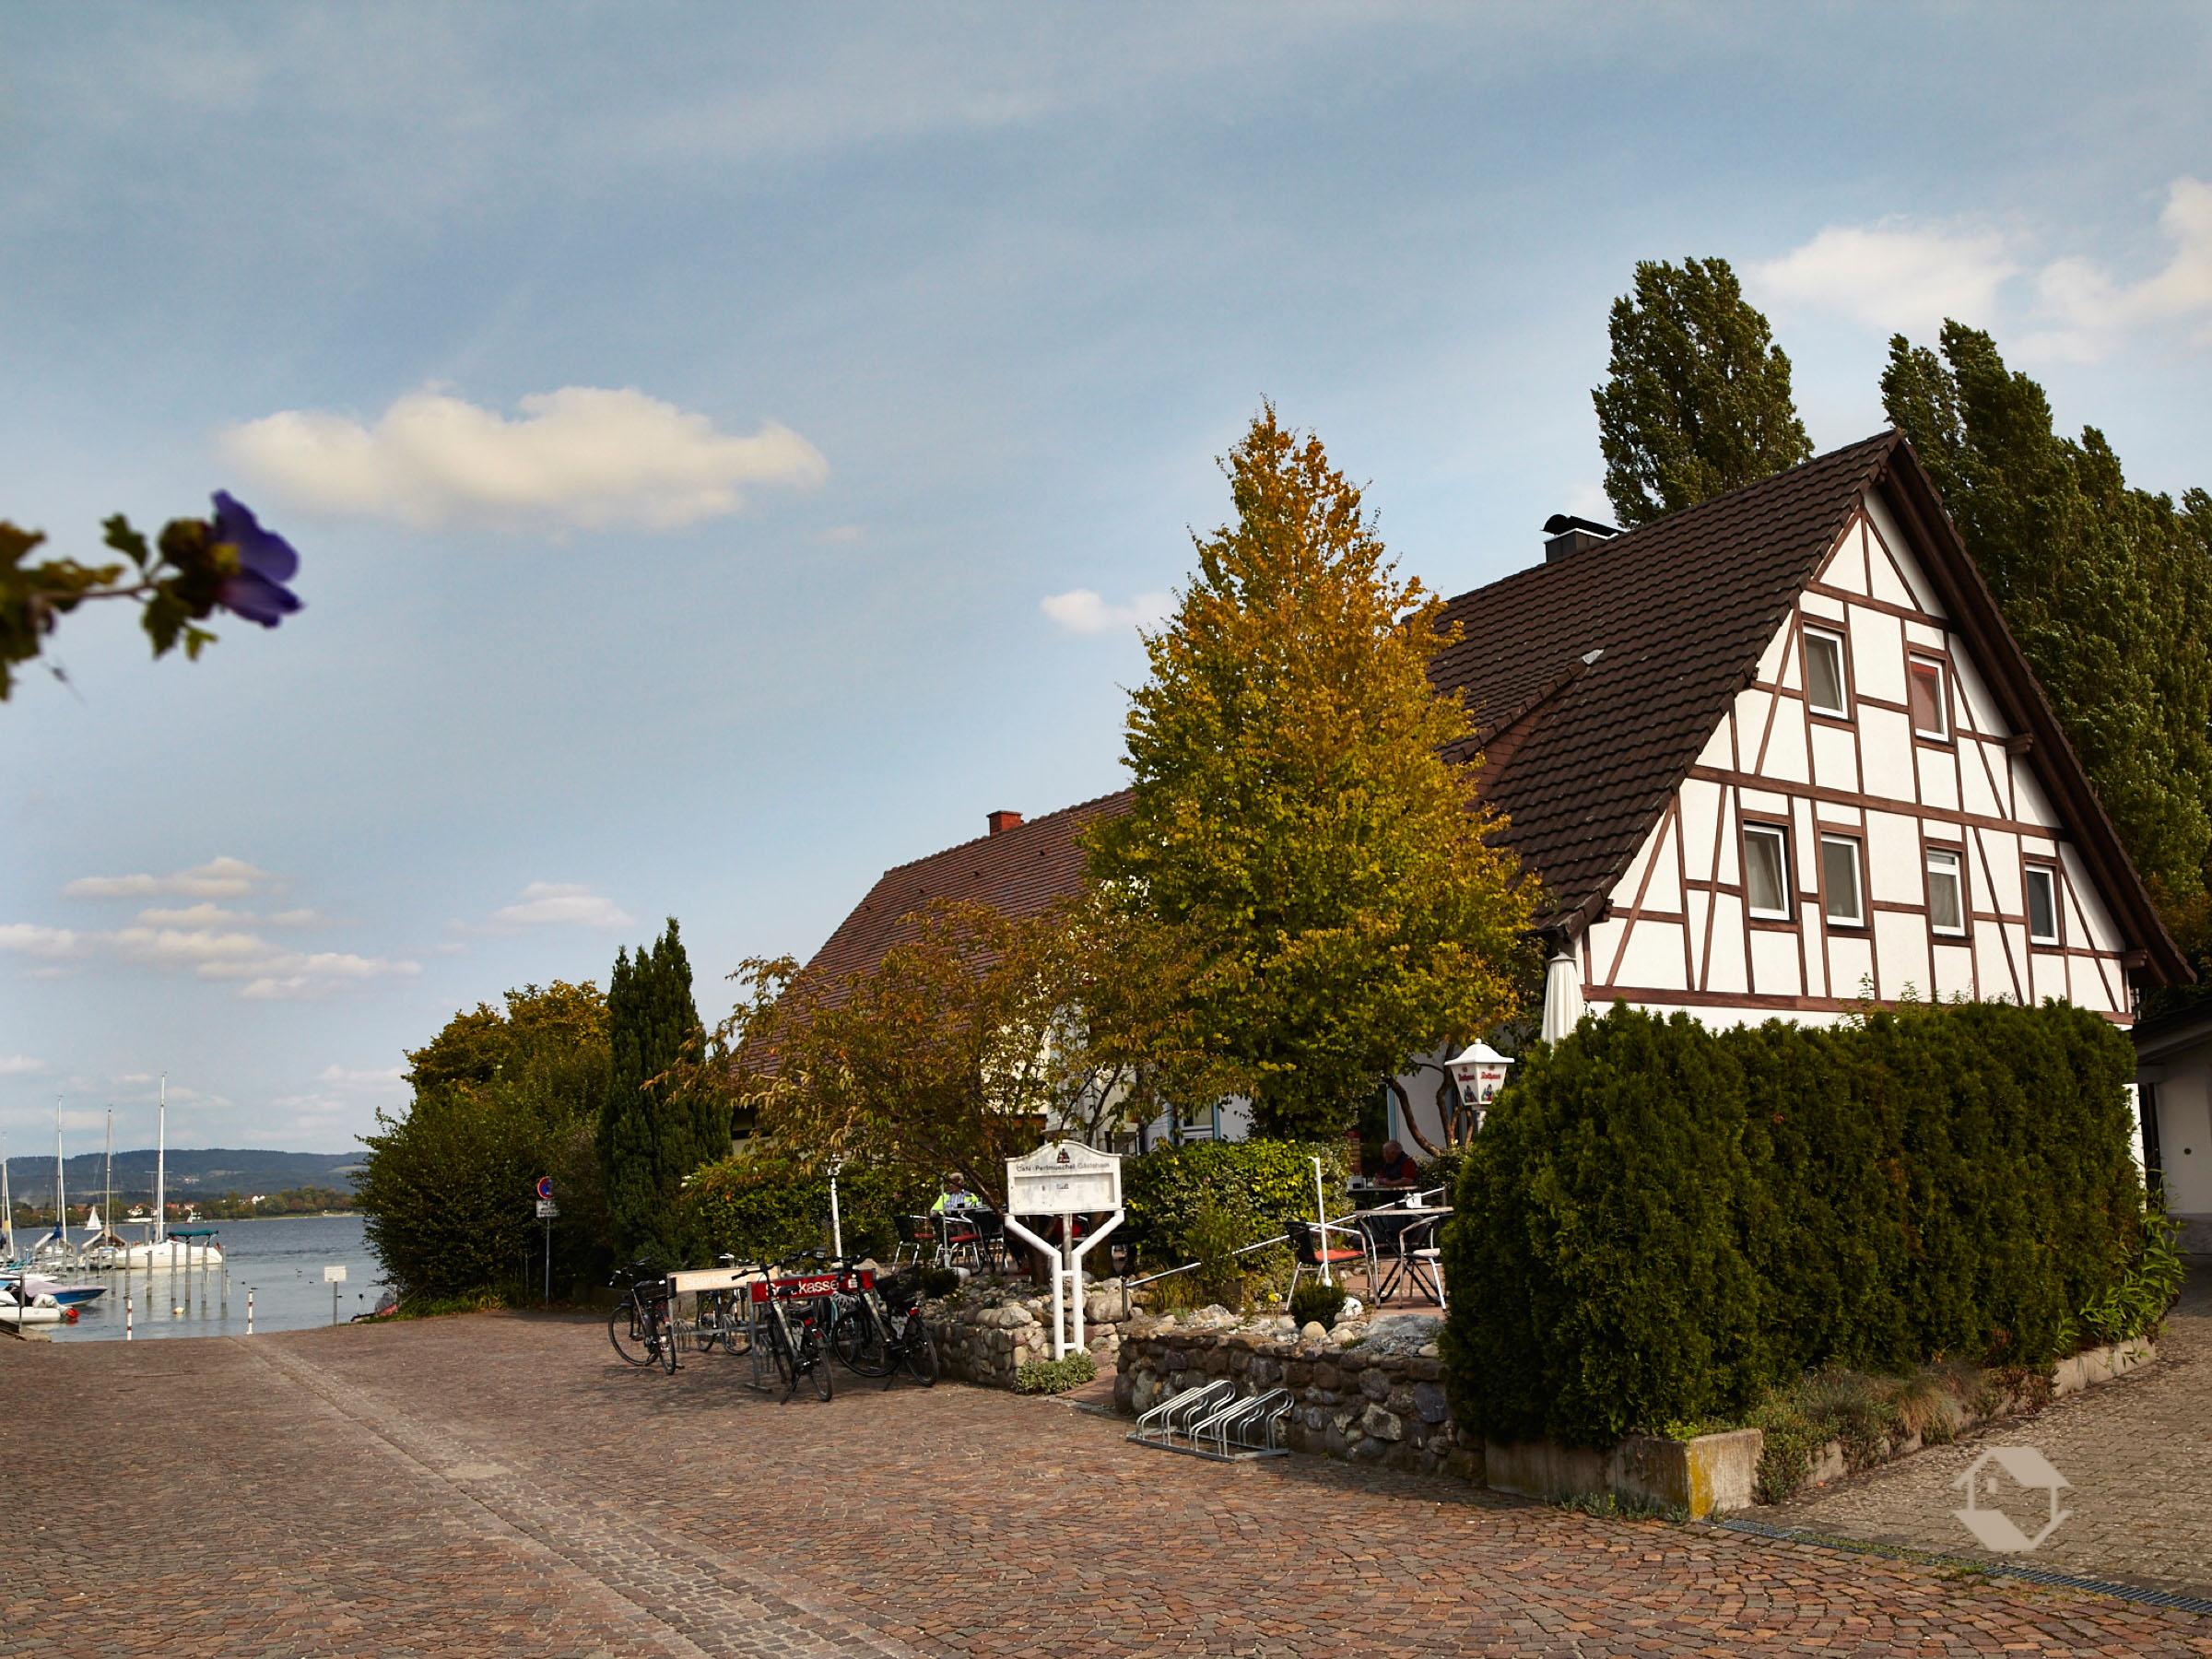 Café Perlmuschel, (Moos-Iznang). Ferienwohn Ferienwohnung